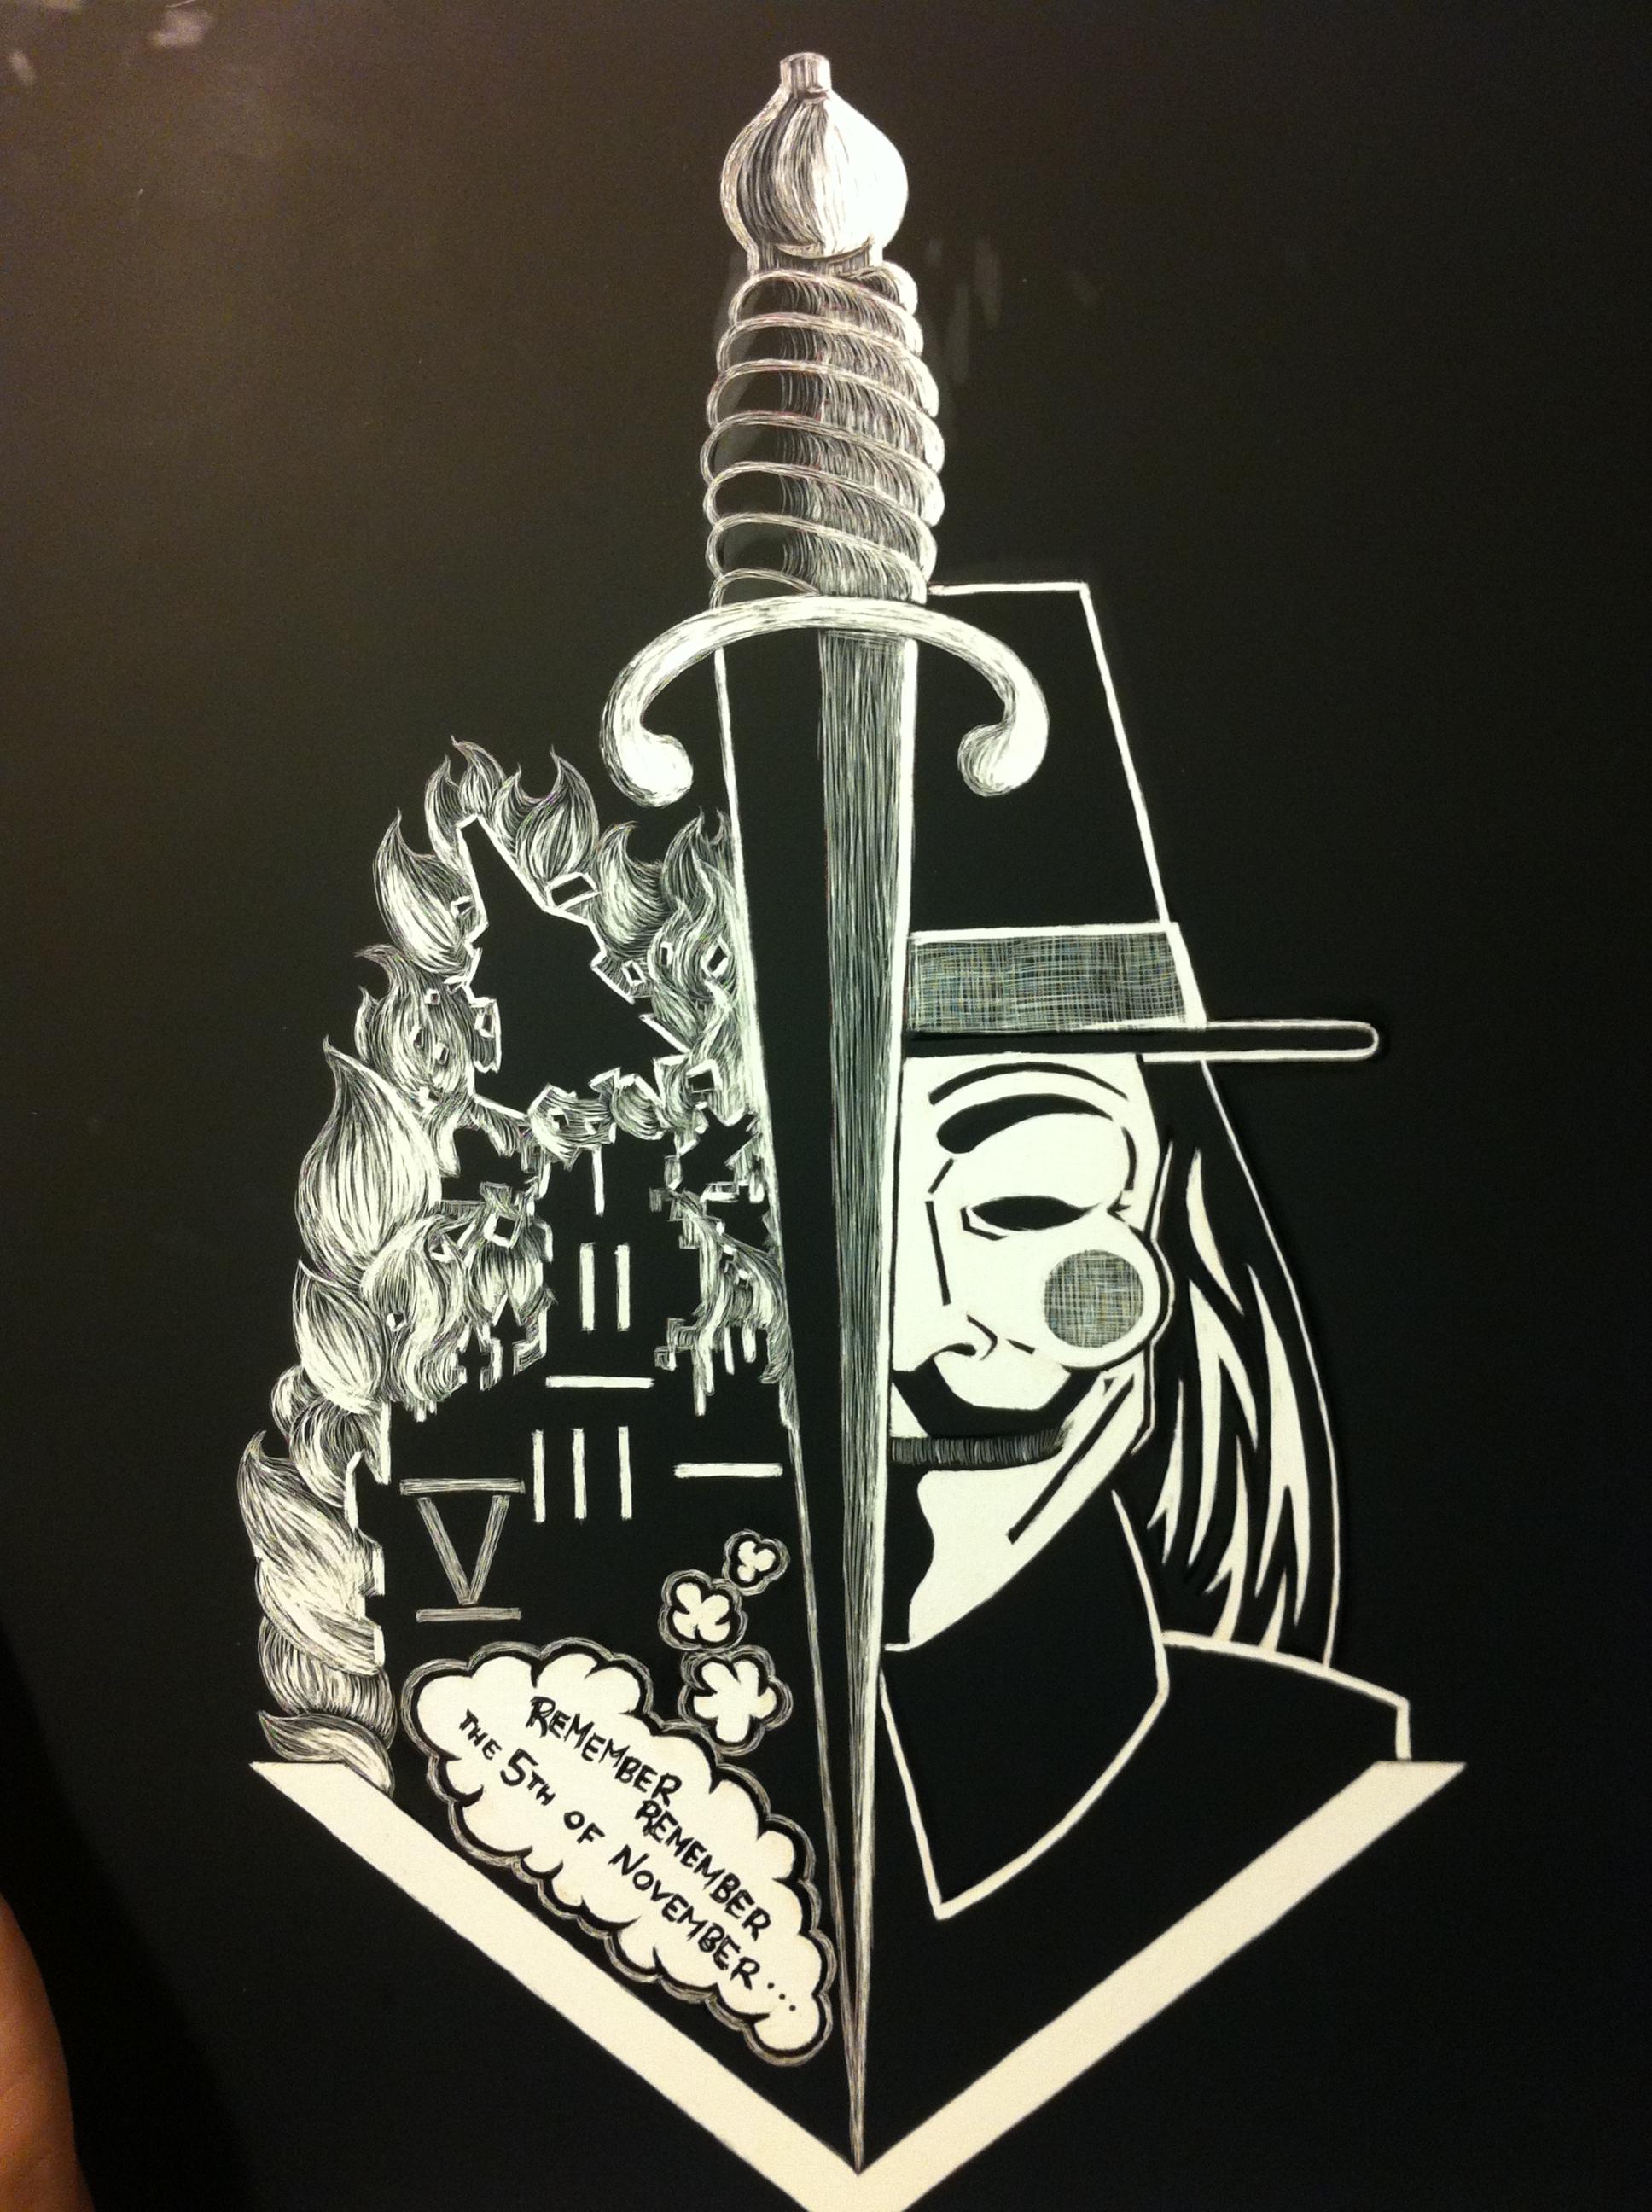 V for Vendetta, 2012